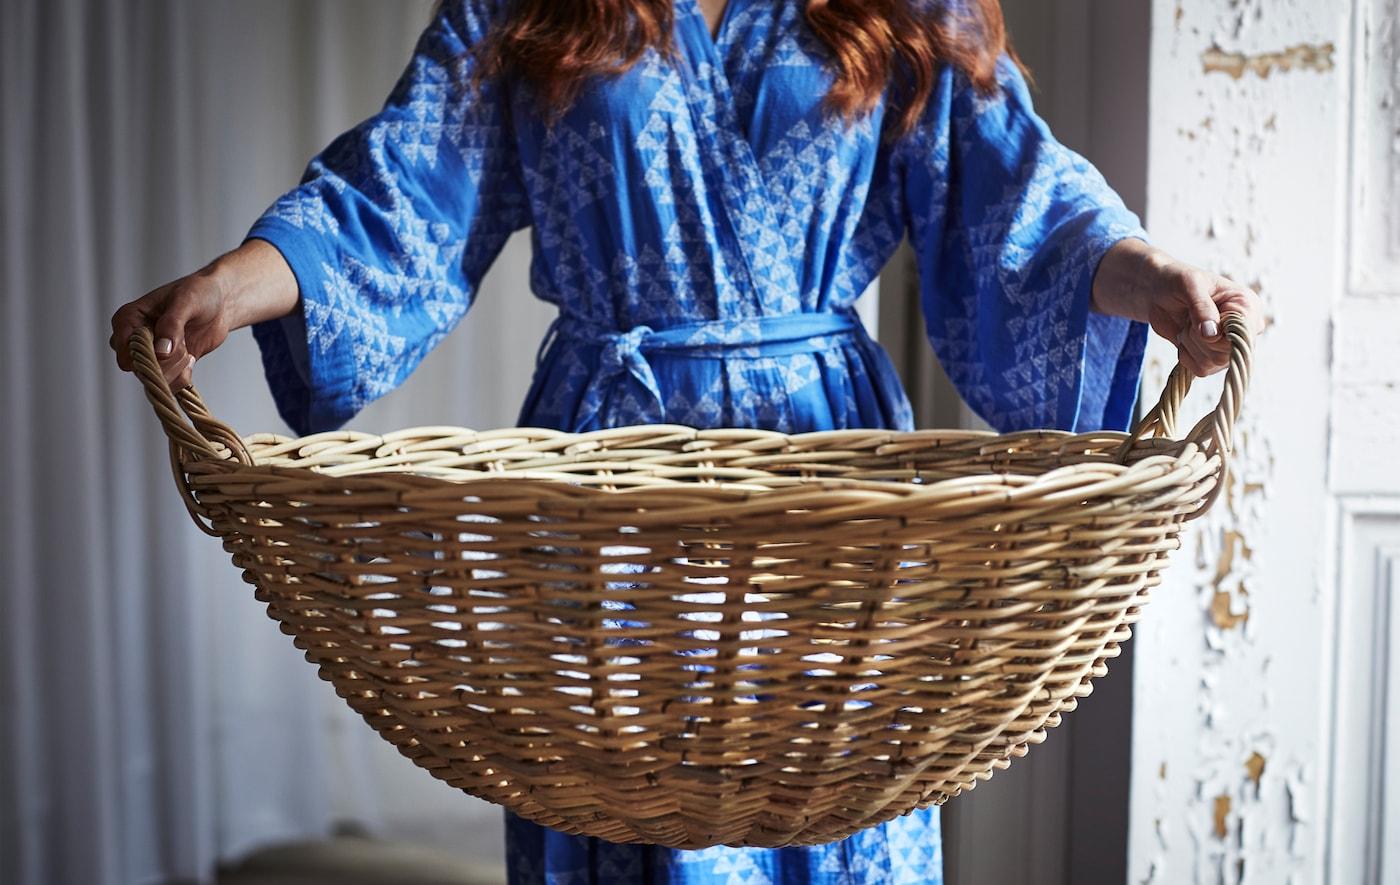 Osoba w niebieskim, wzorzystym kimono trzyma duży, okrągły rattanowy kosz.